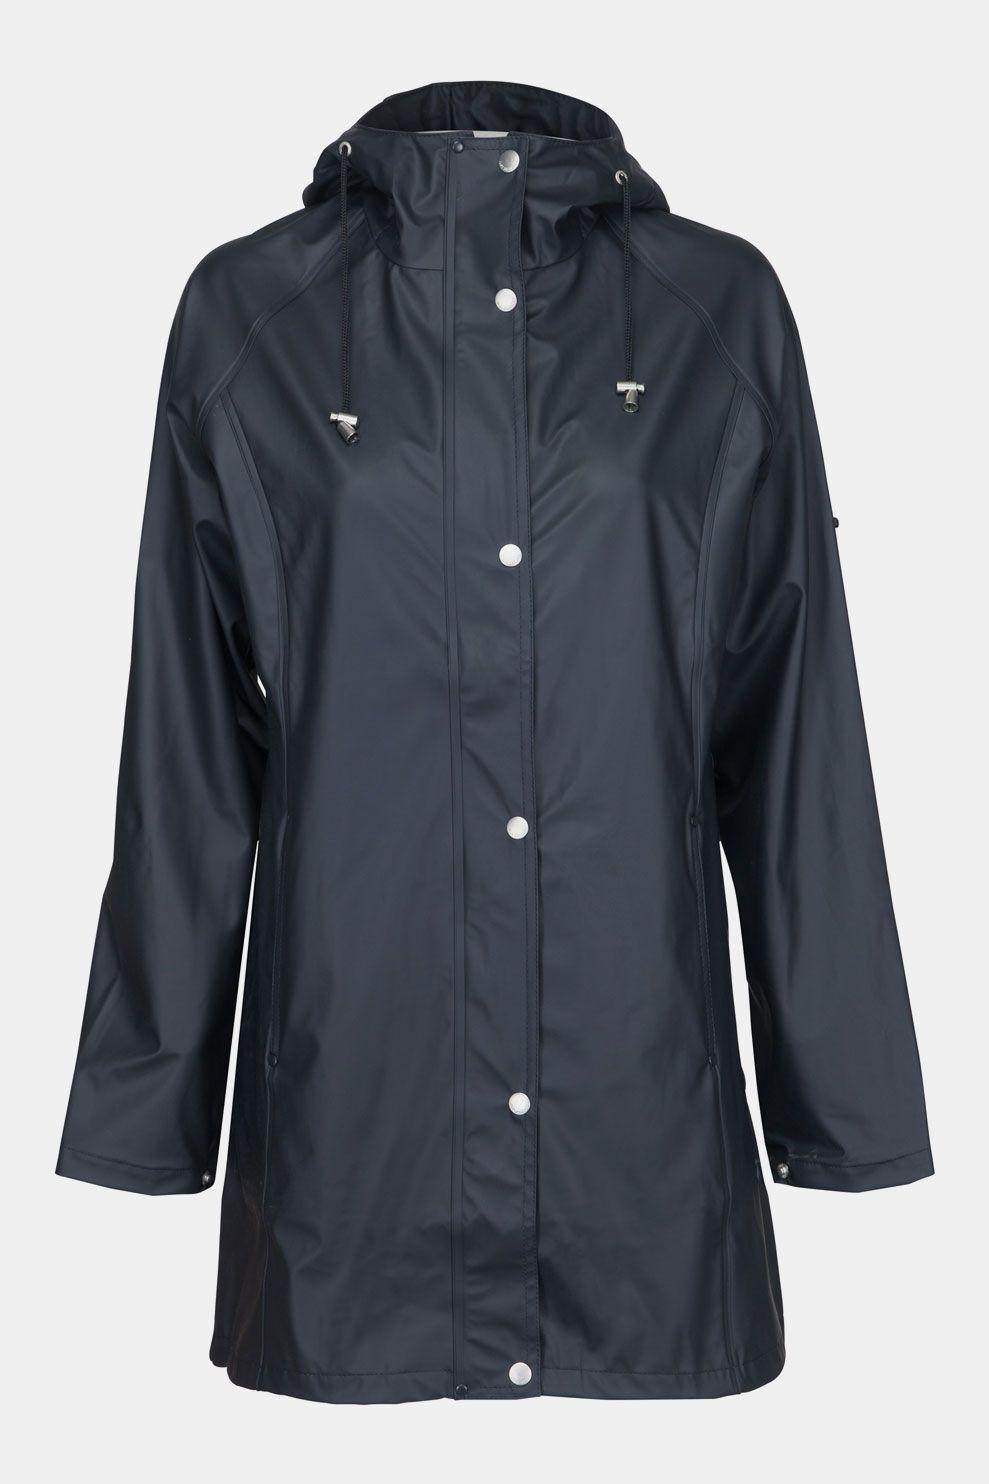 Ilse Jacobsen Rain Coat Dames Regenjas Indigo Blauw online kopen